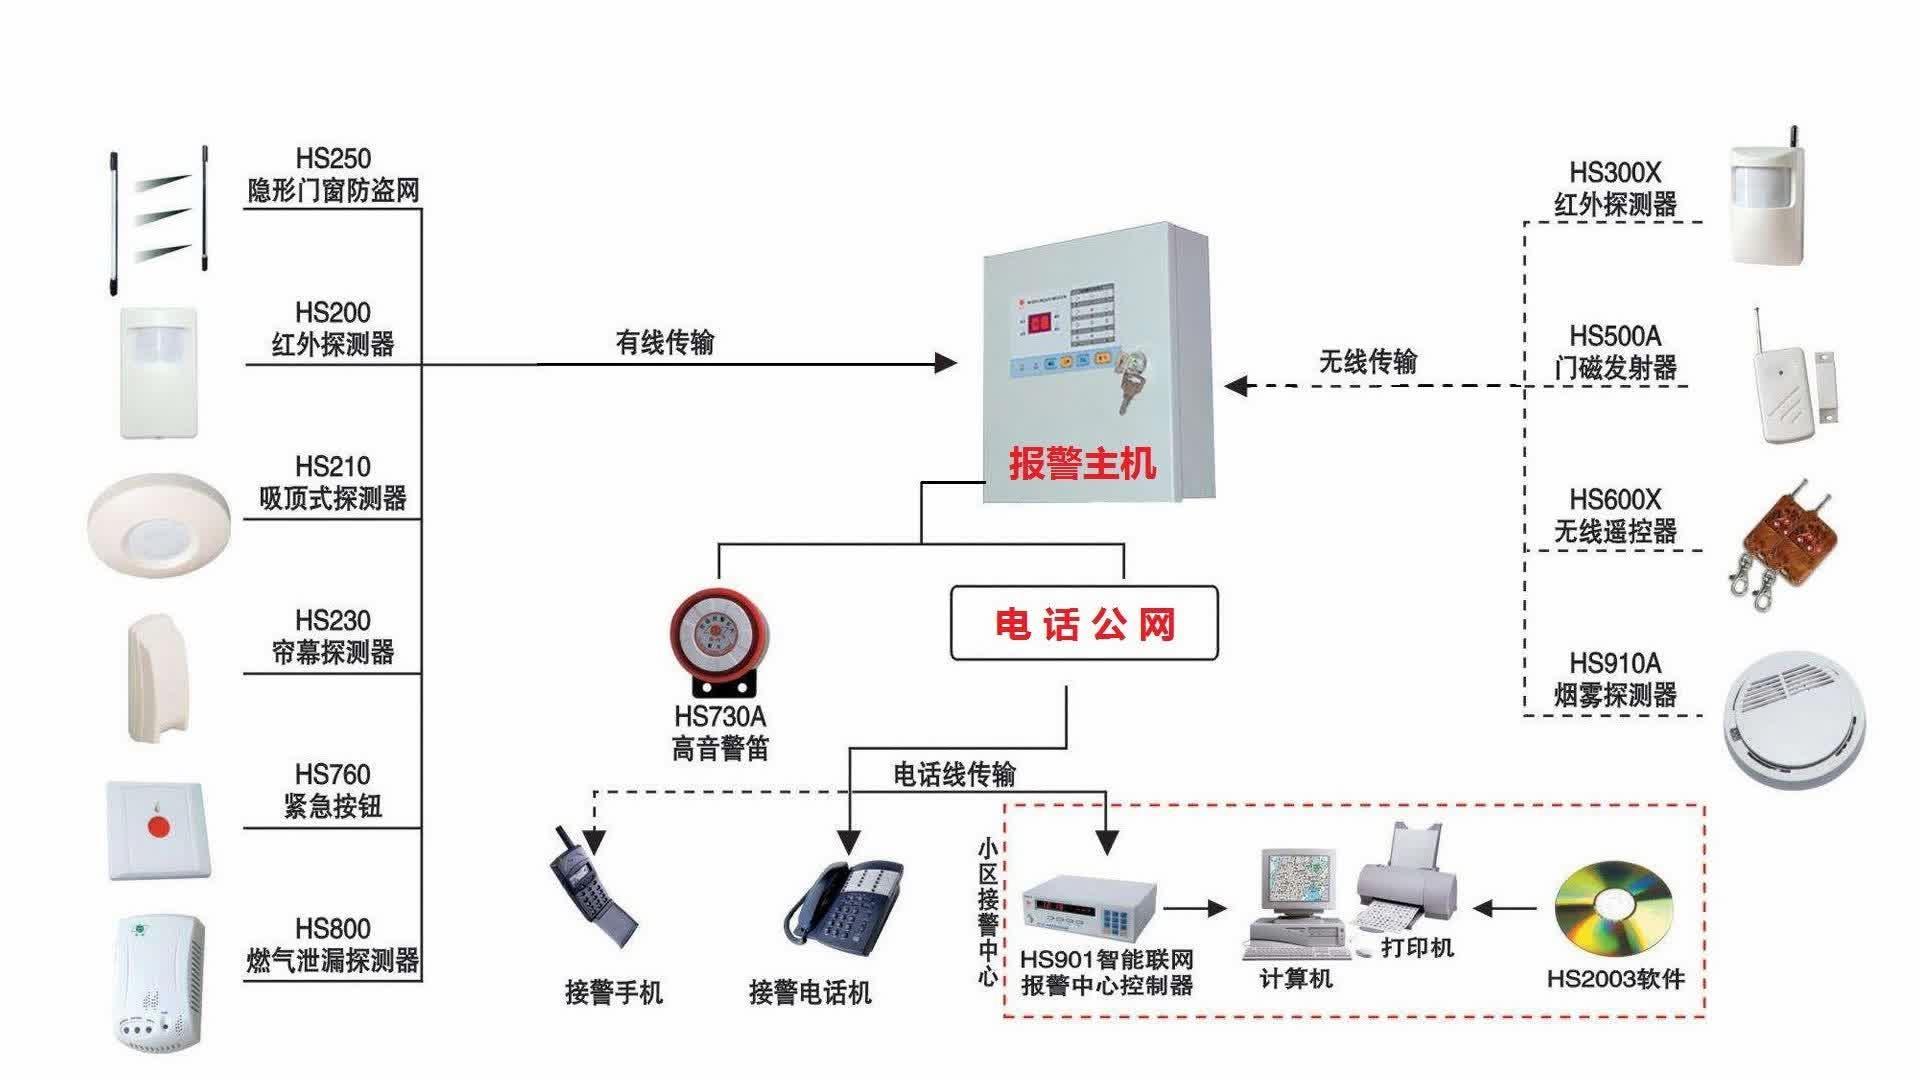 主动红外探测器与报警测试